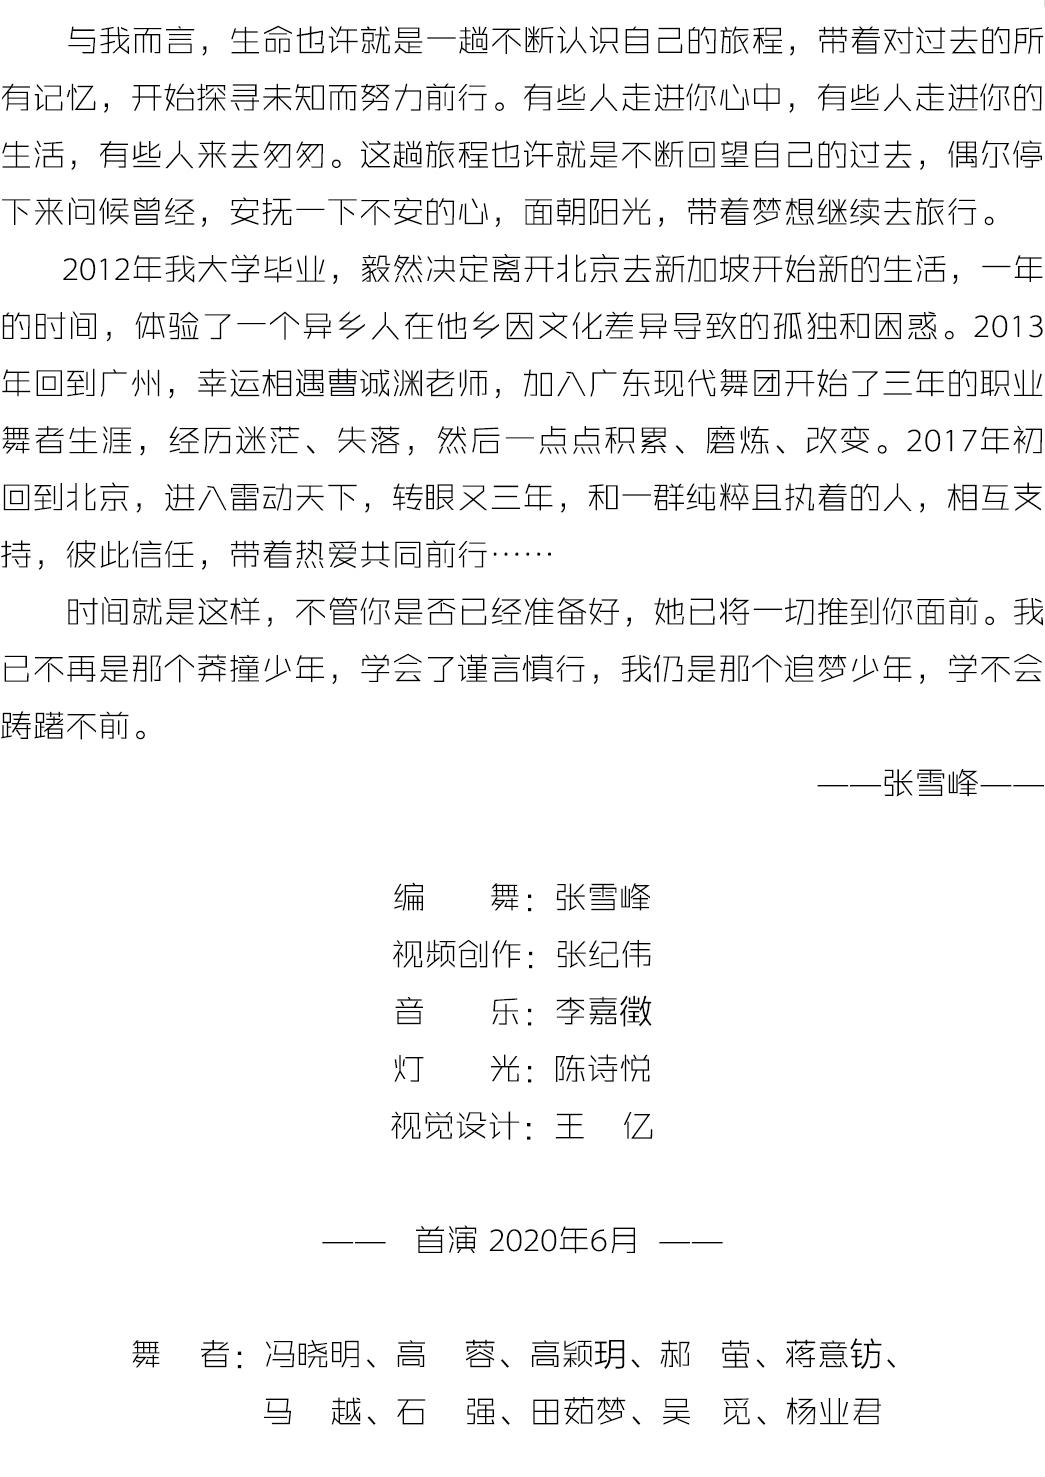 节目单《旅人》-中文_2020-06-04 2.jpg